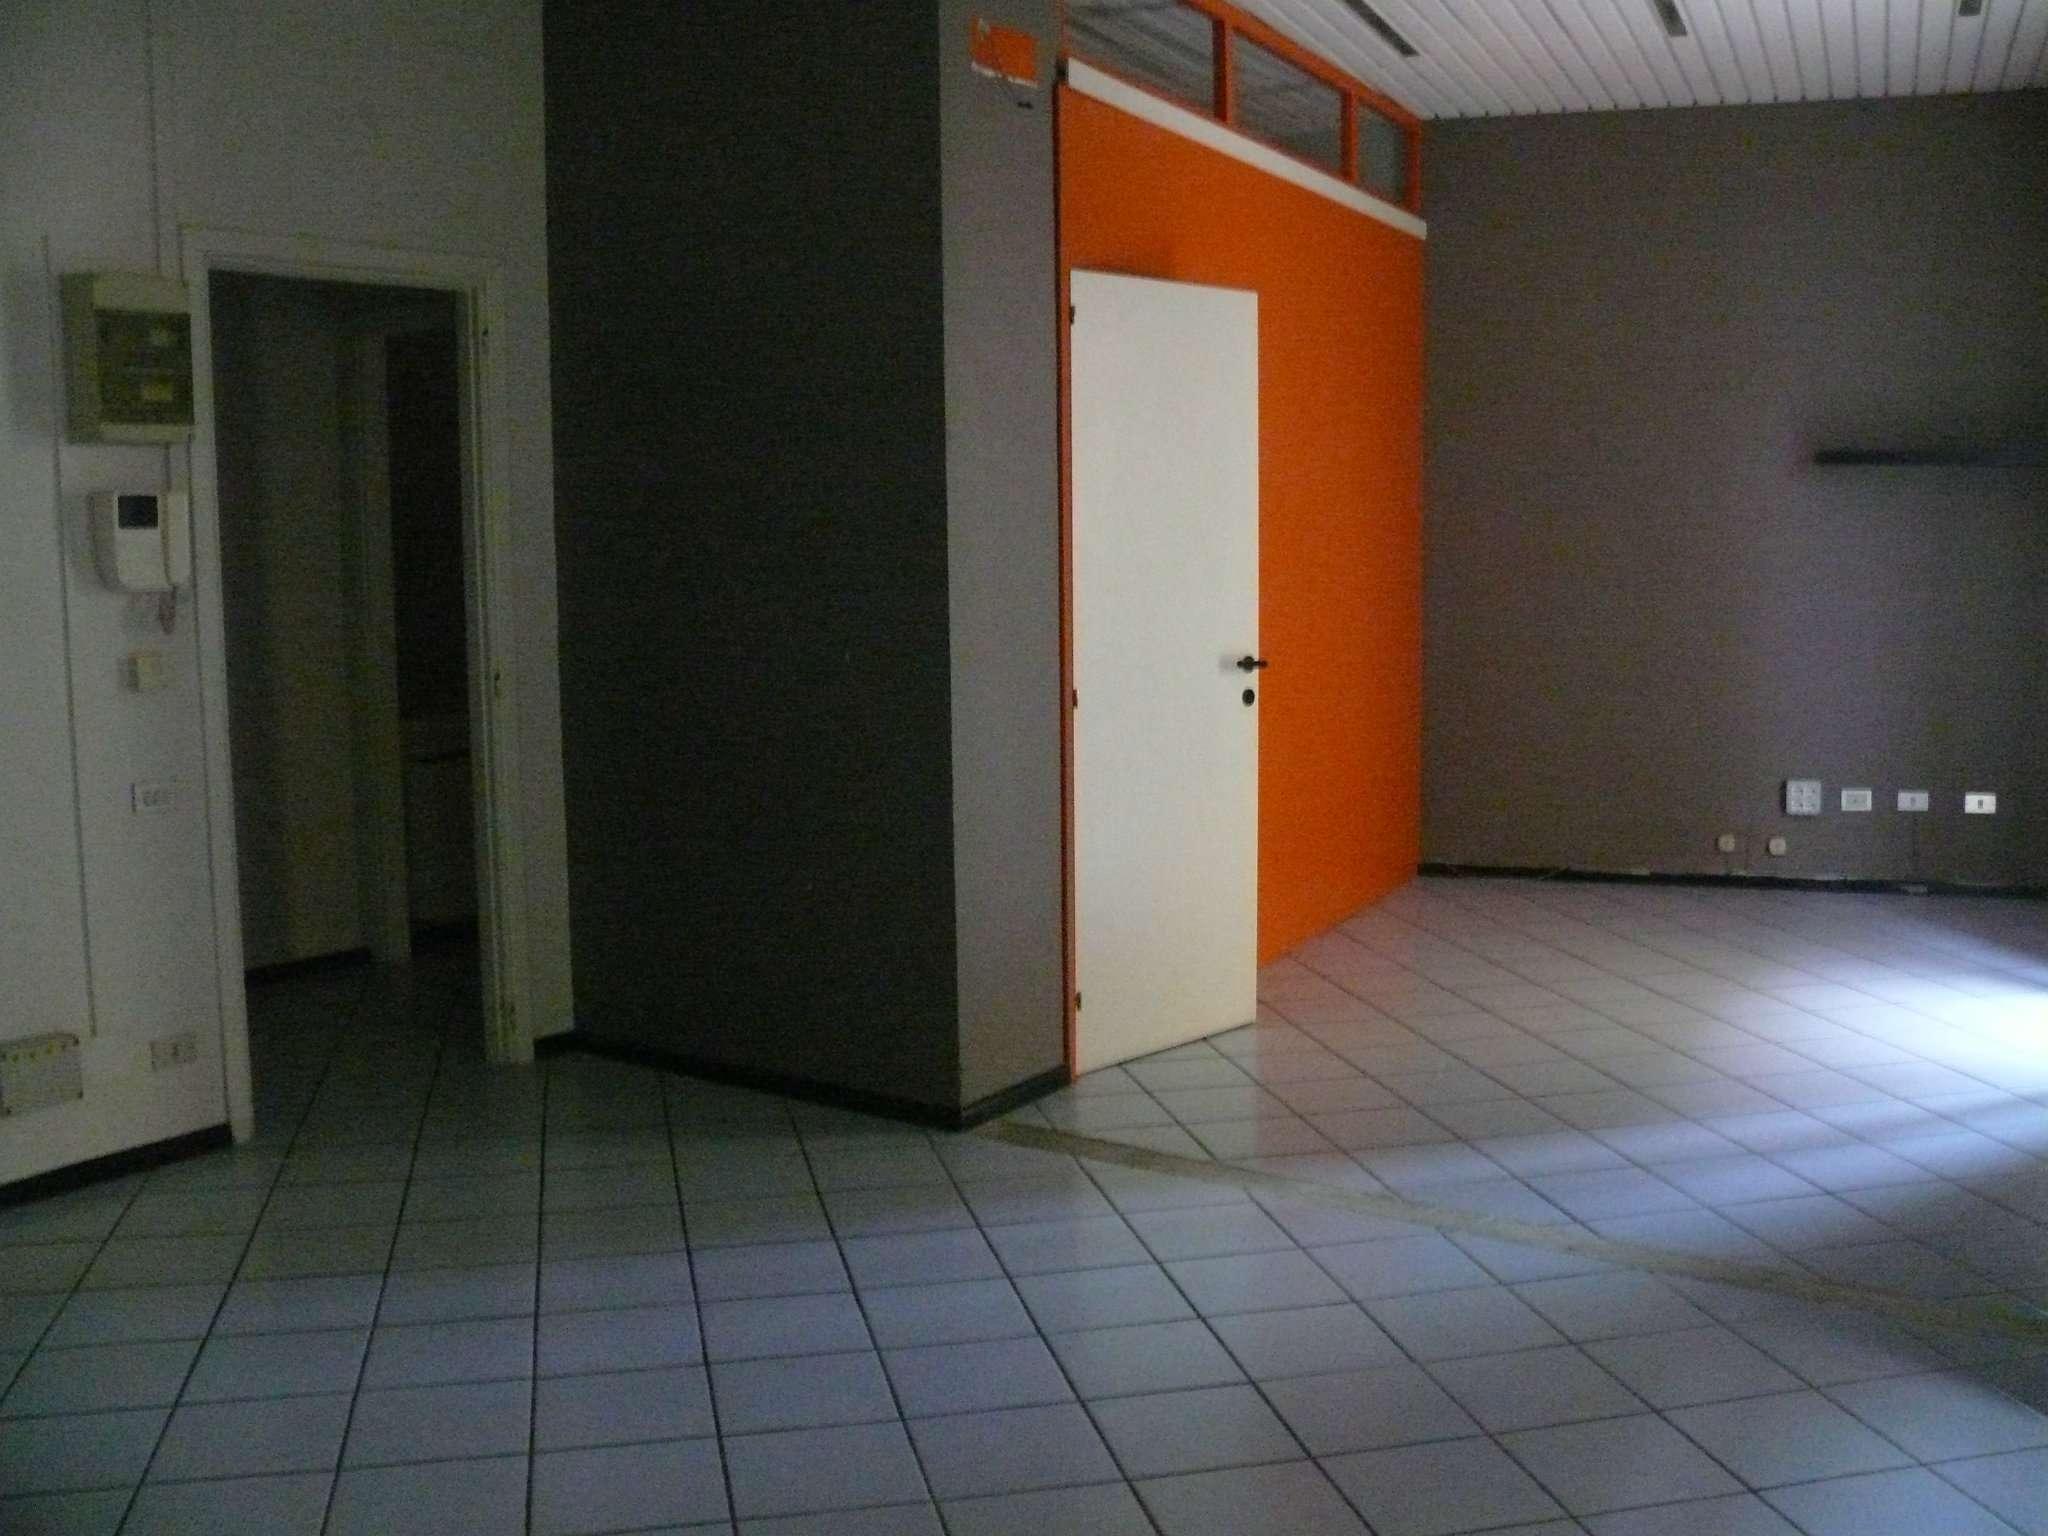 Ufficio / Studio in affitto a Mondovì, 10 locali, Trattative riservate | PortaleAgenzieImmobiliari.it